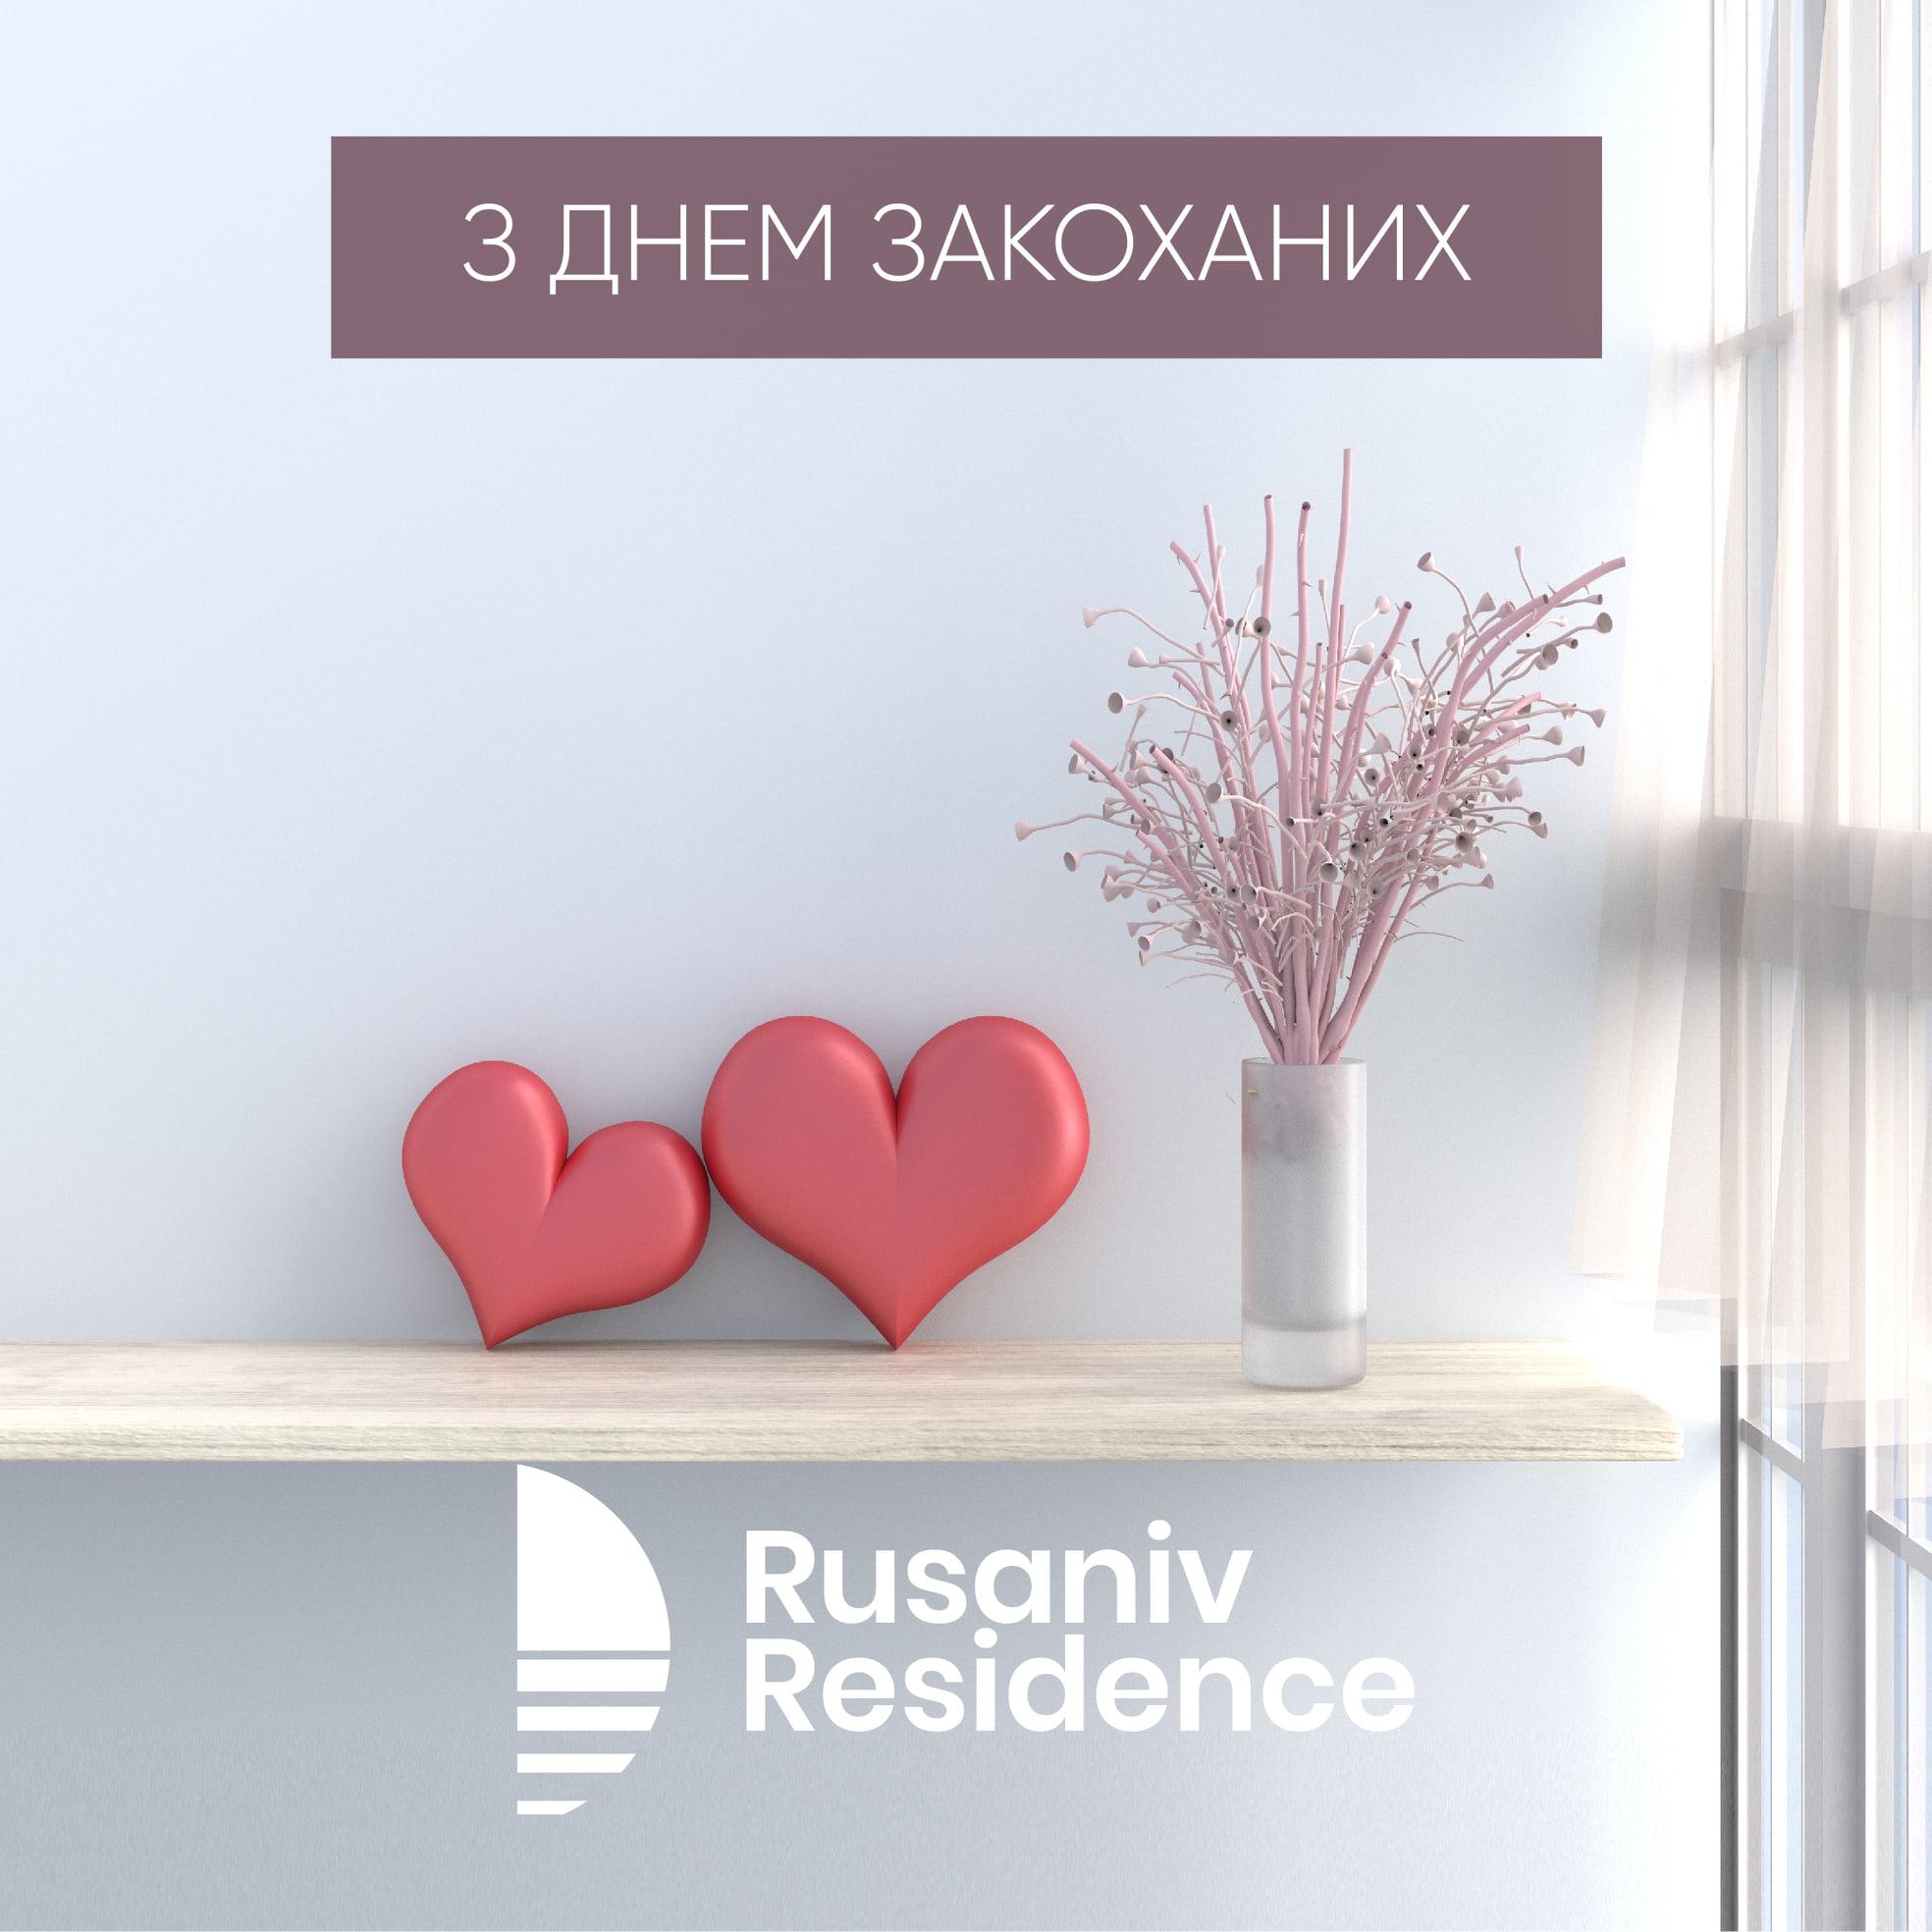 Rusaniv Residence делает праздник влюбленных незабываемым